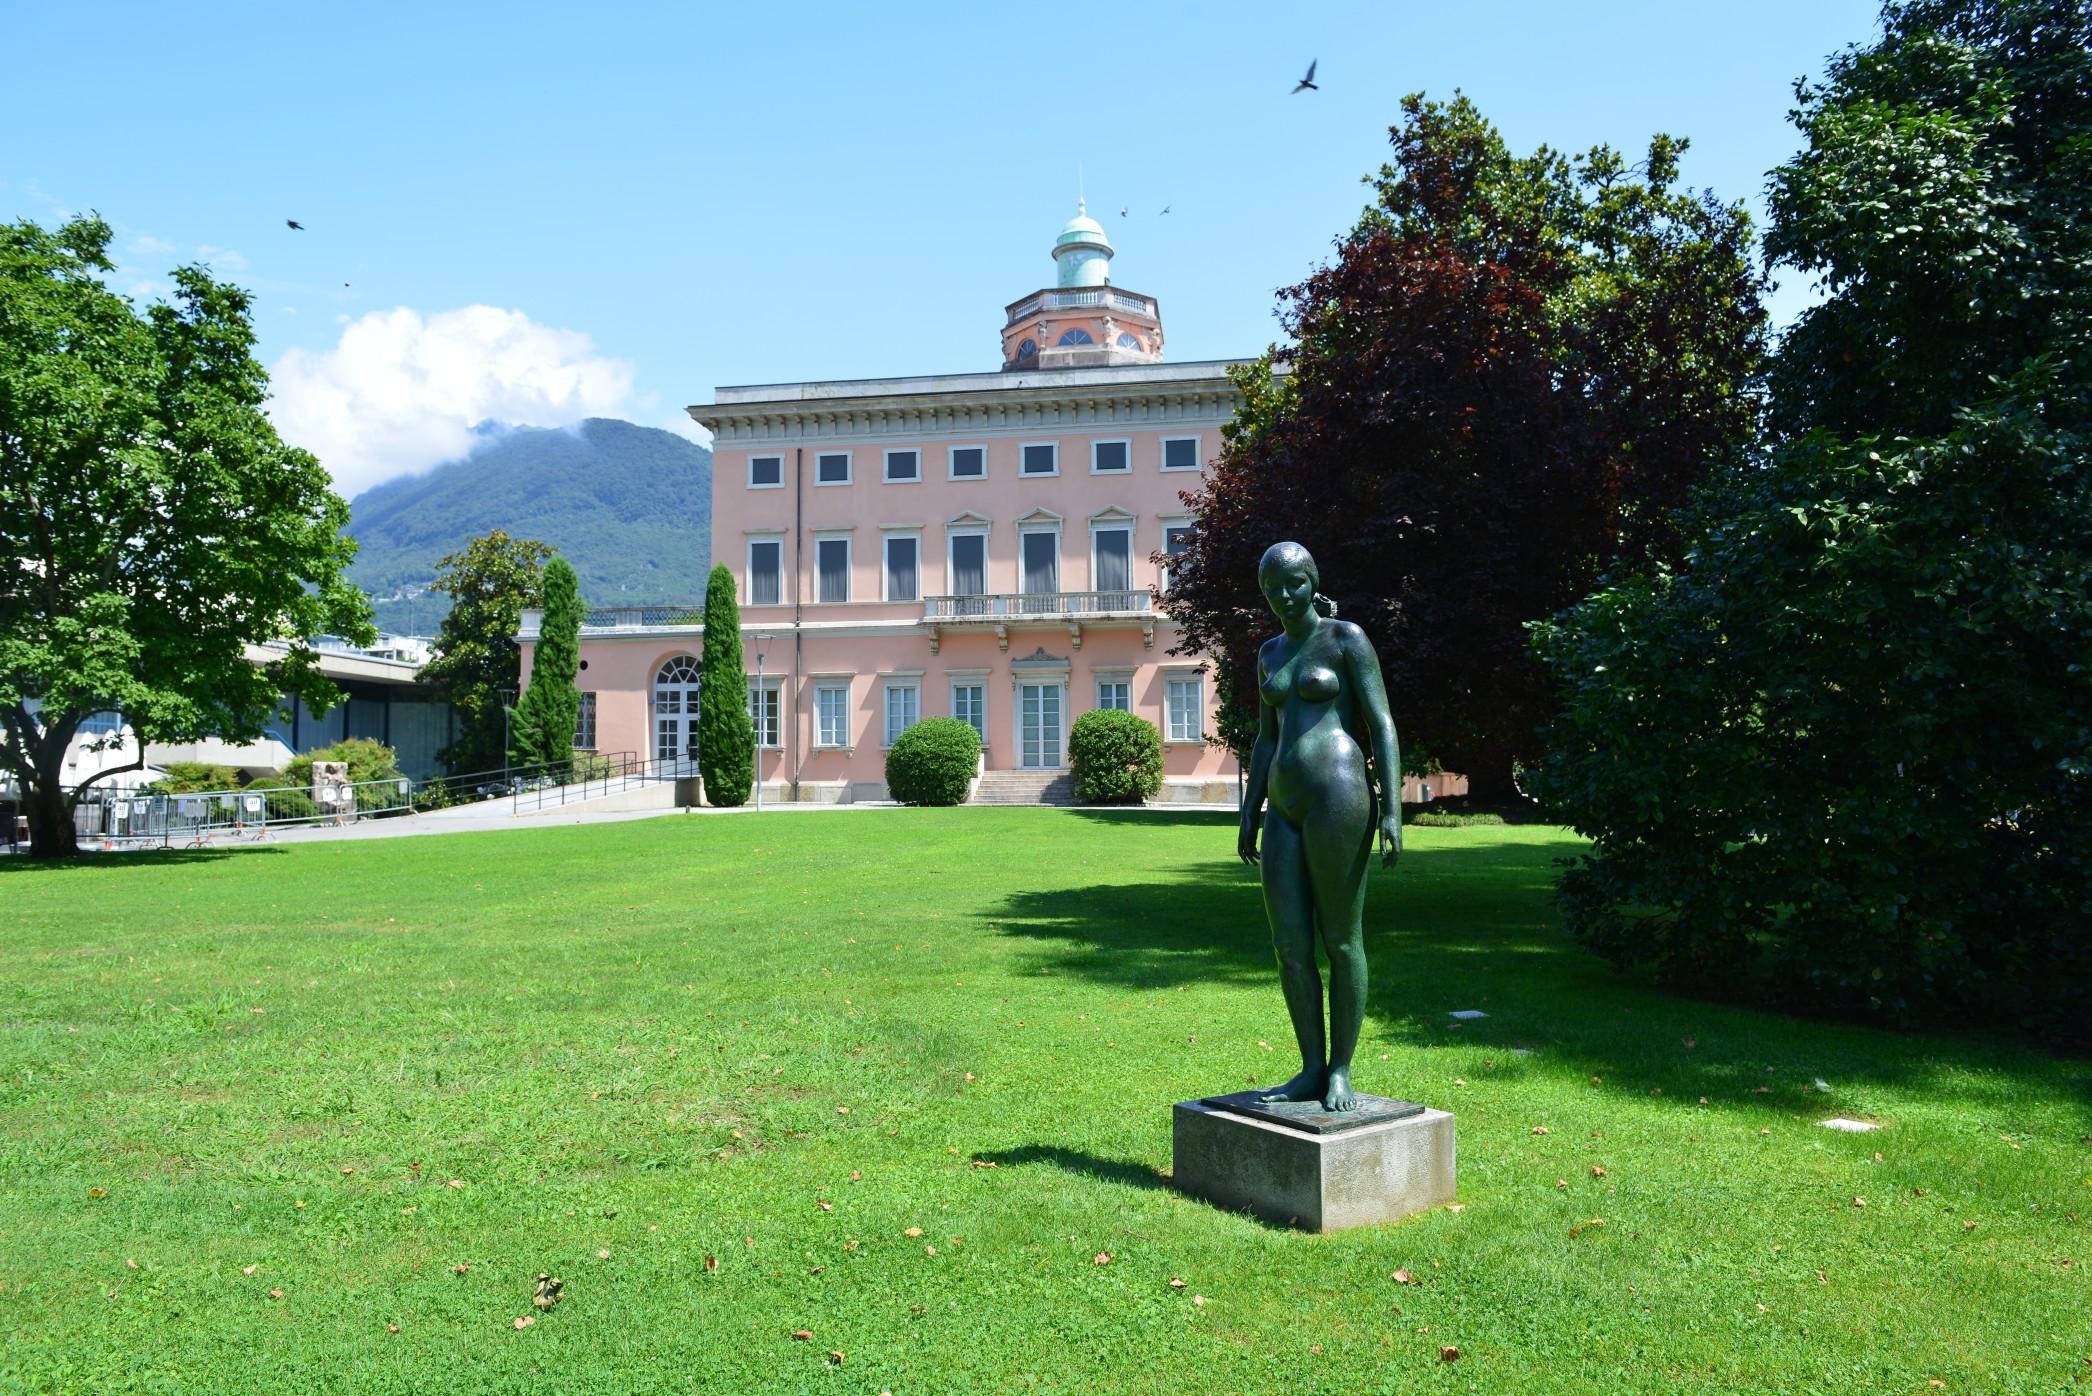 Campione d'Italia, Lugano e Bellinzona: il fascino del Canton Ticino (7 ore)